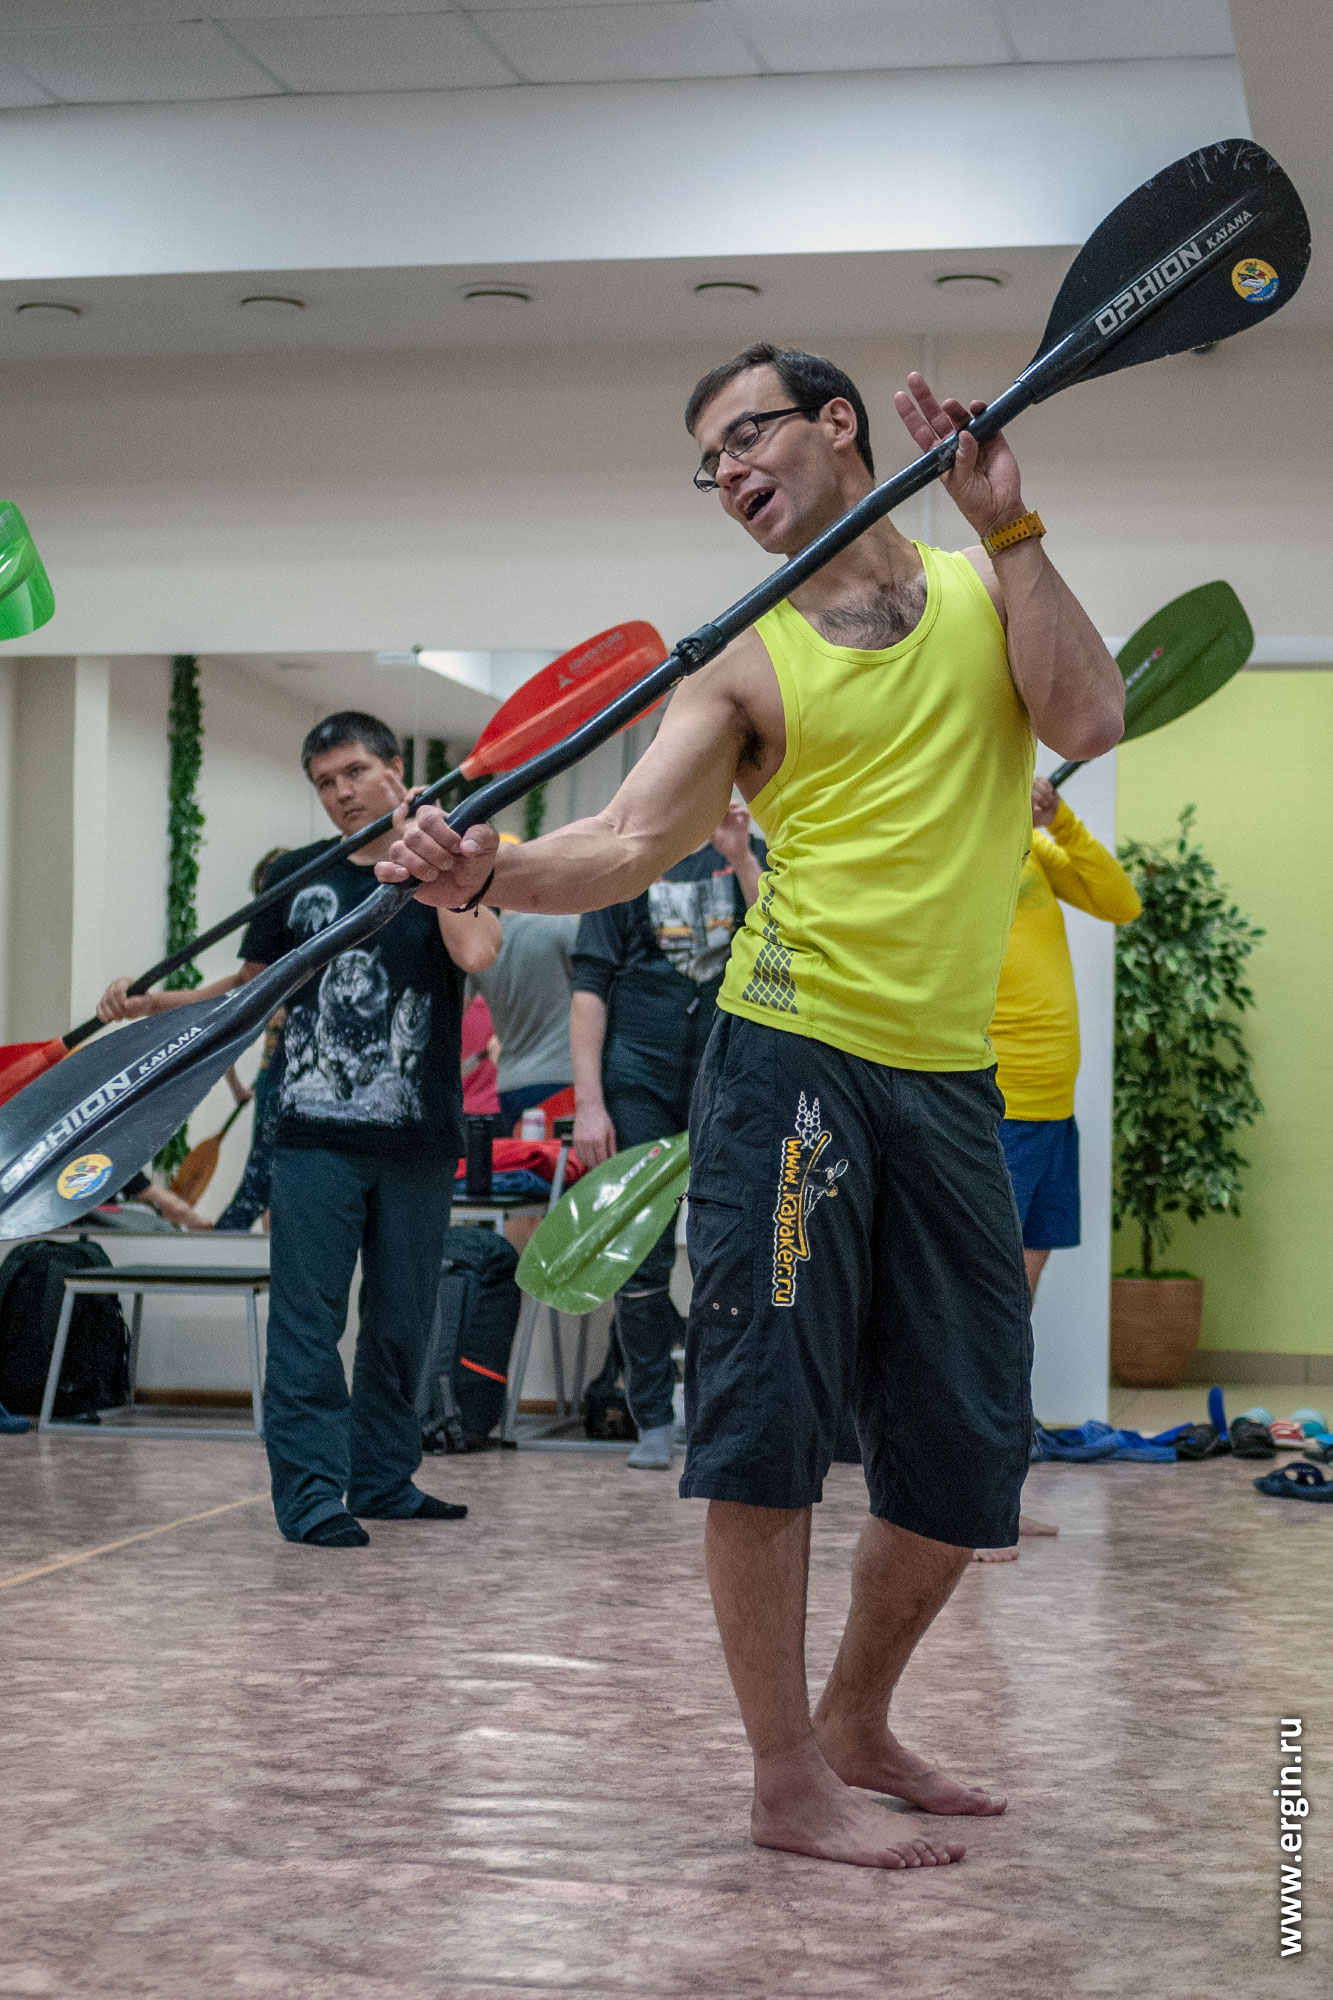 Сухая тренировка в зале по эскимосскому перевороту